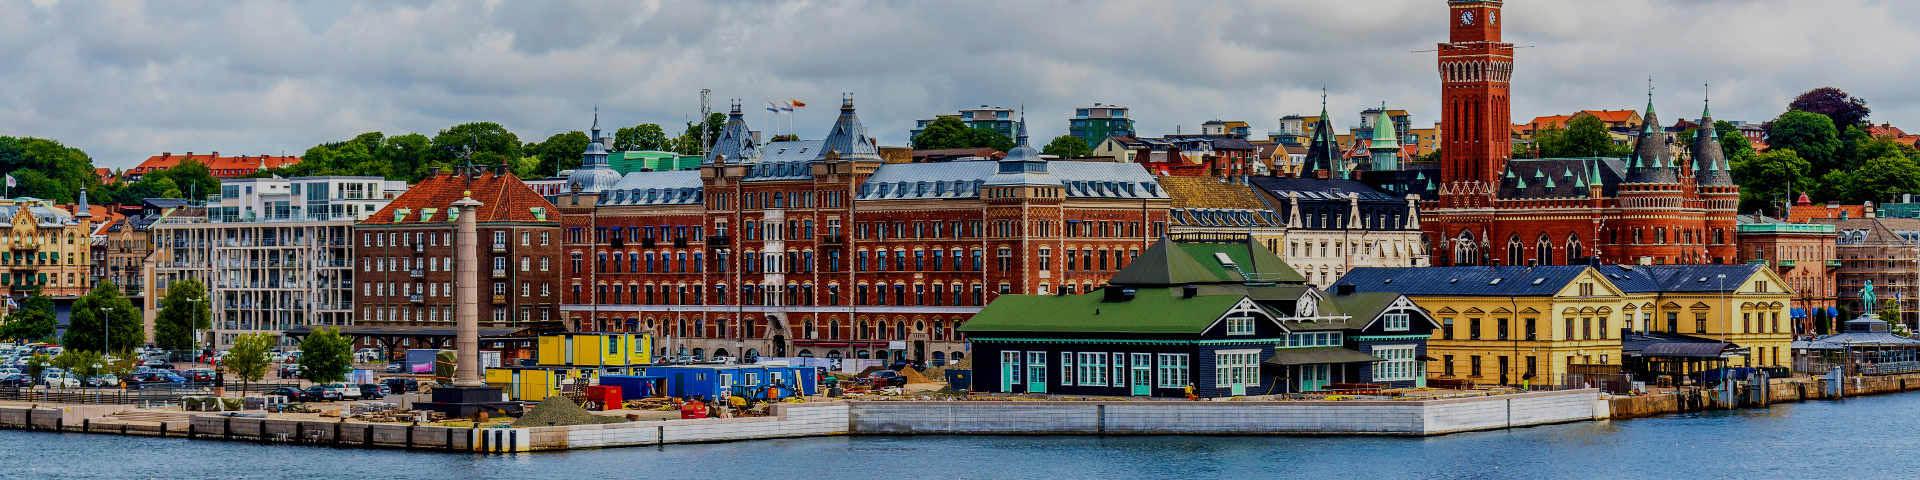 Helsingborg hero edit